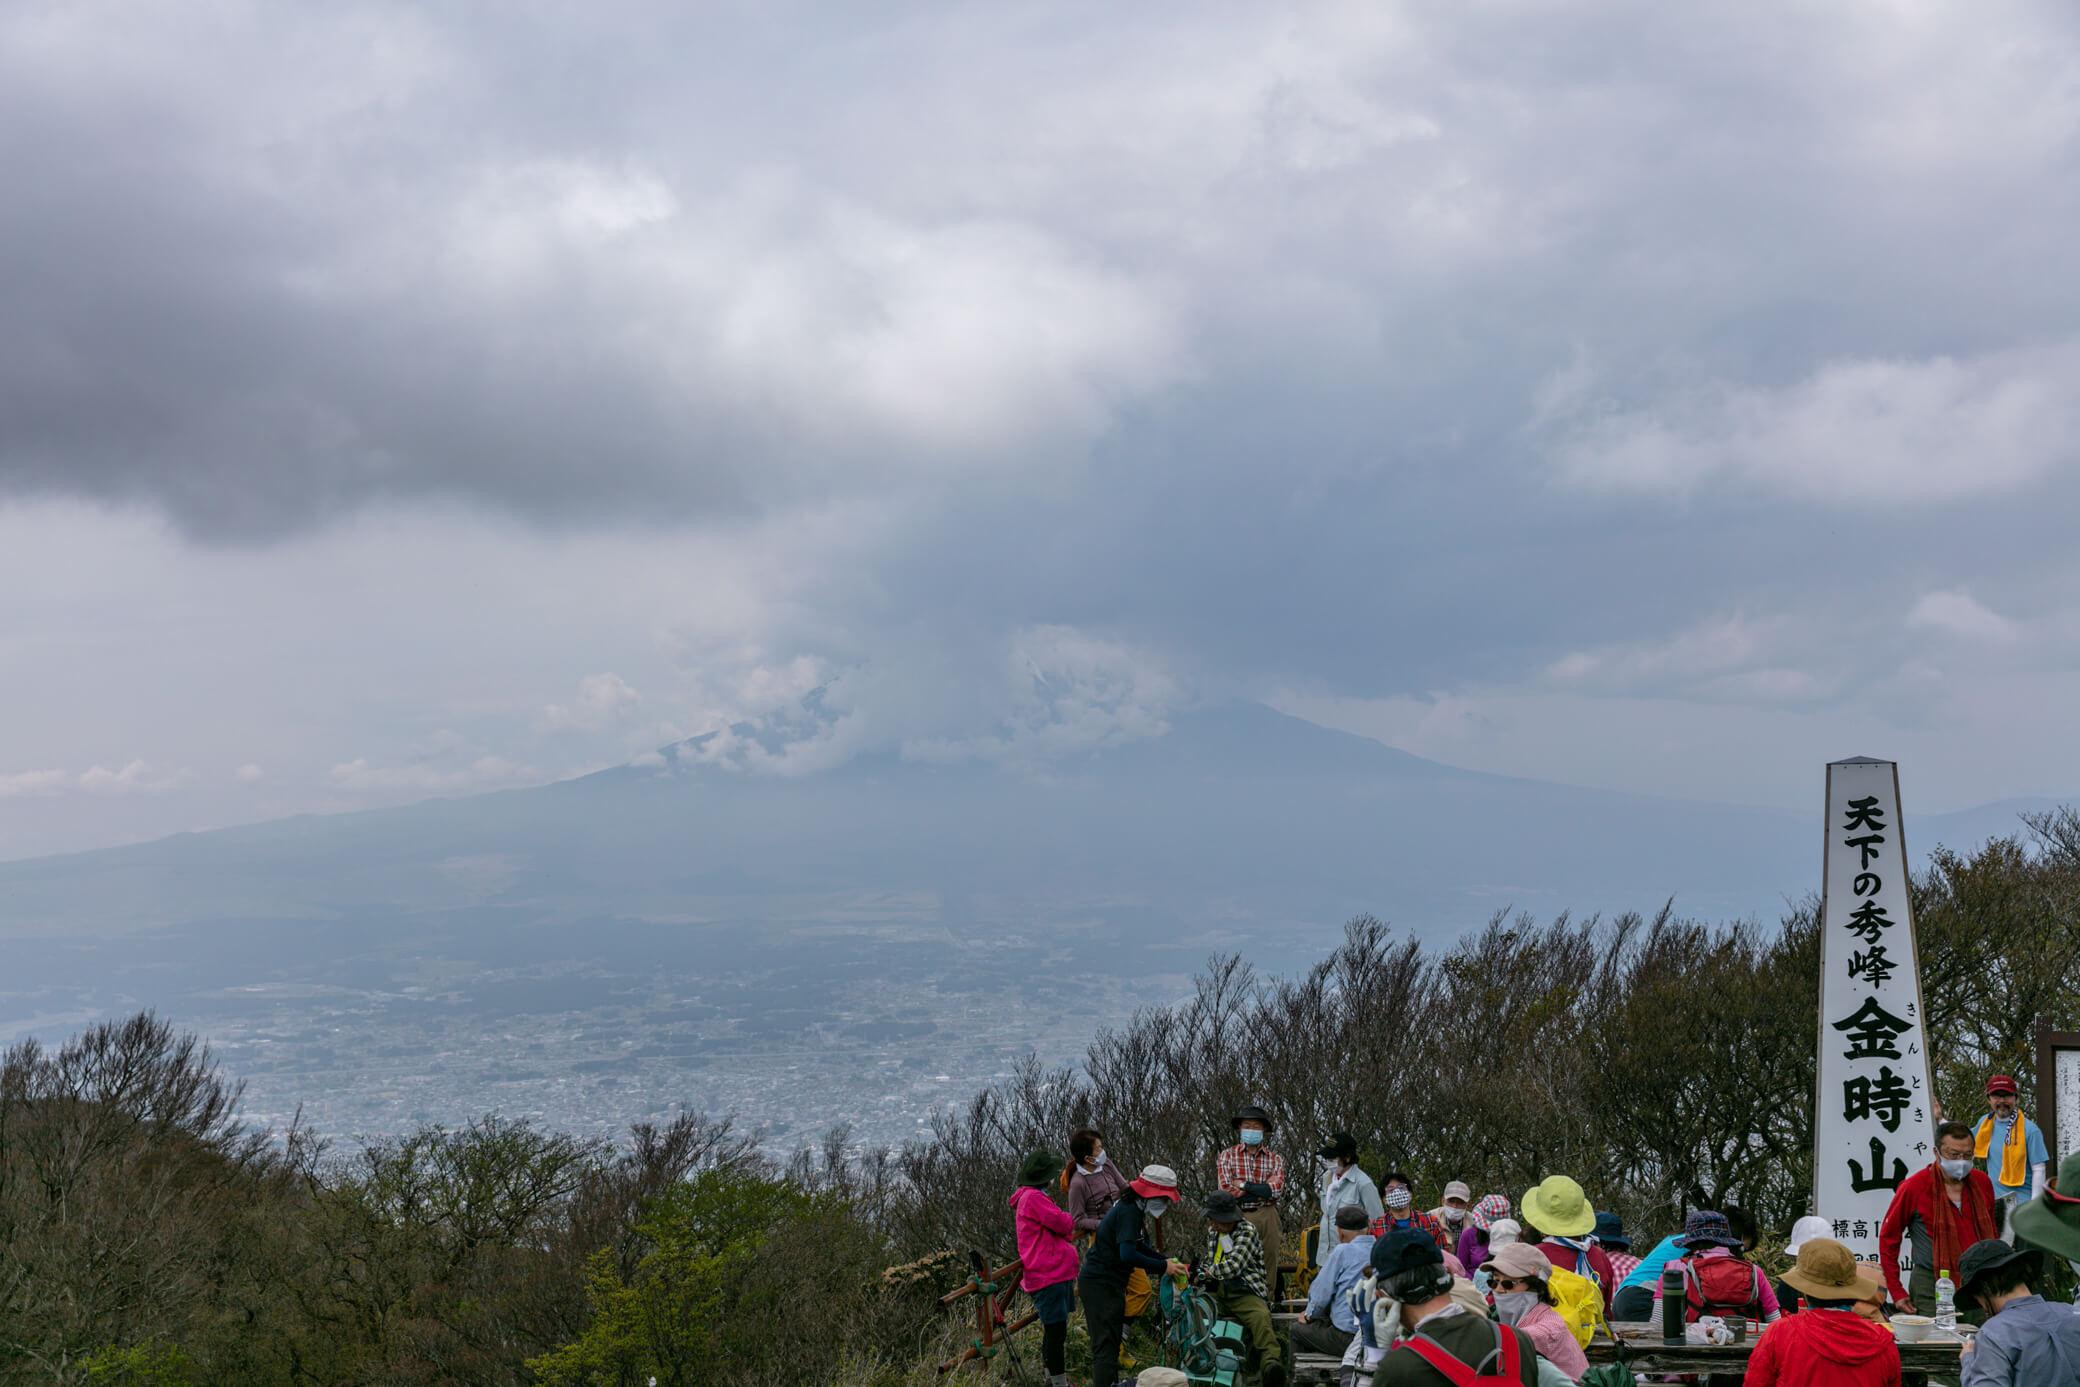 金時山 山頂での富士山